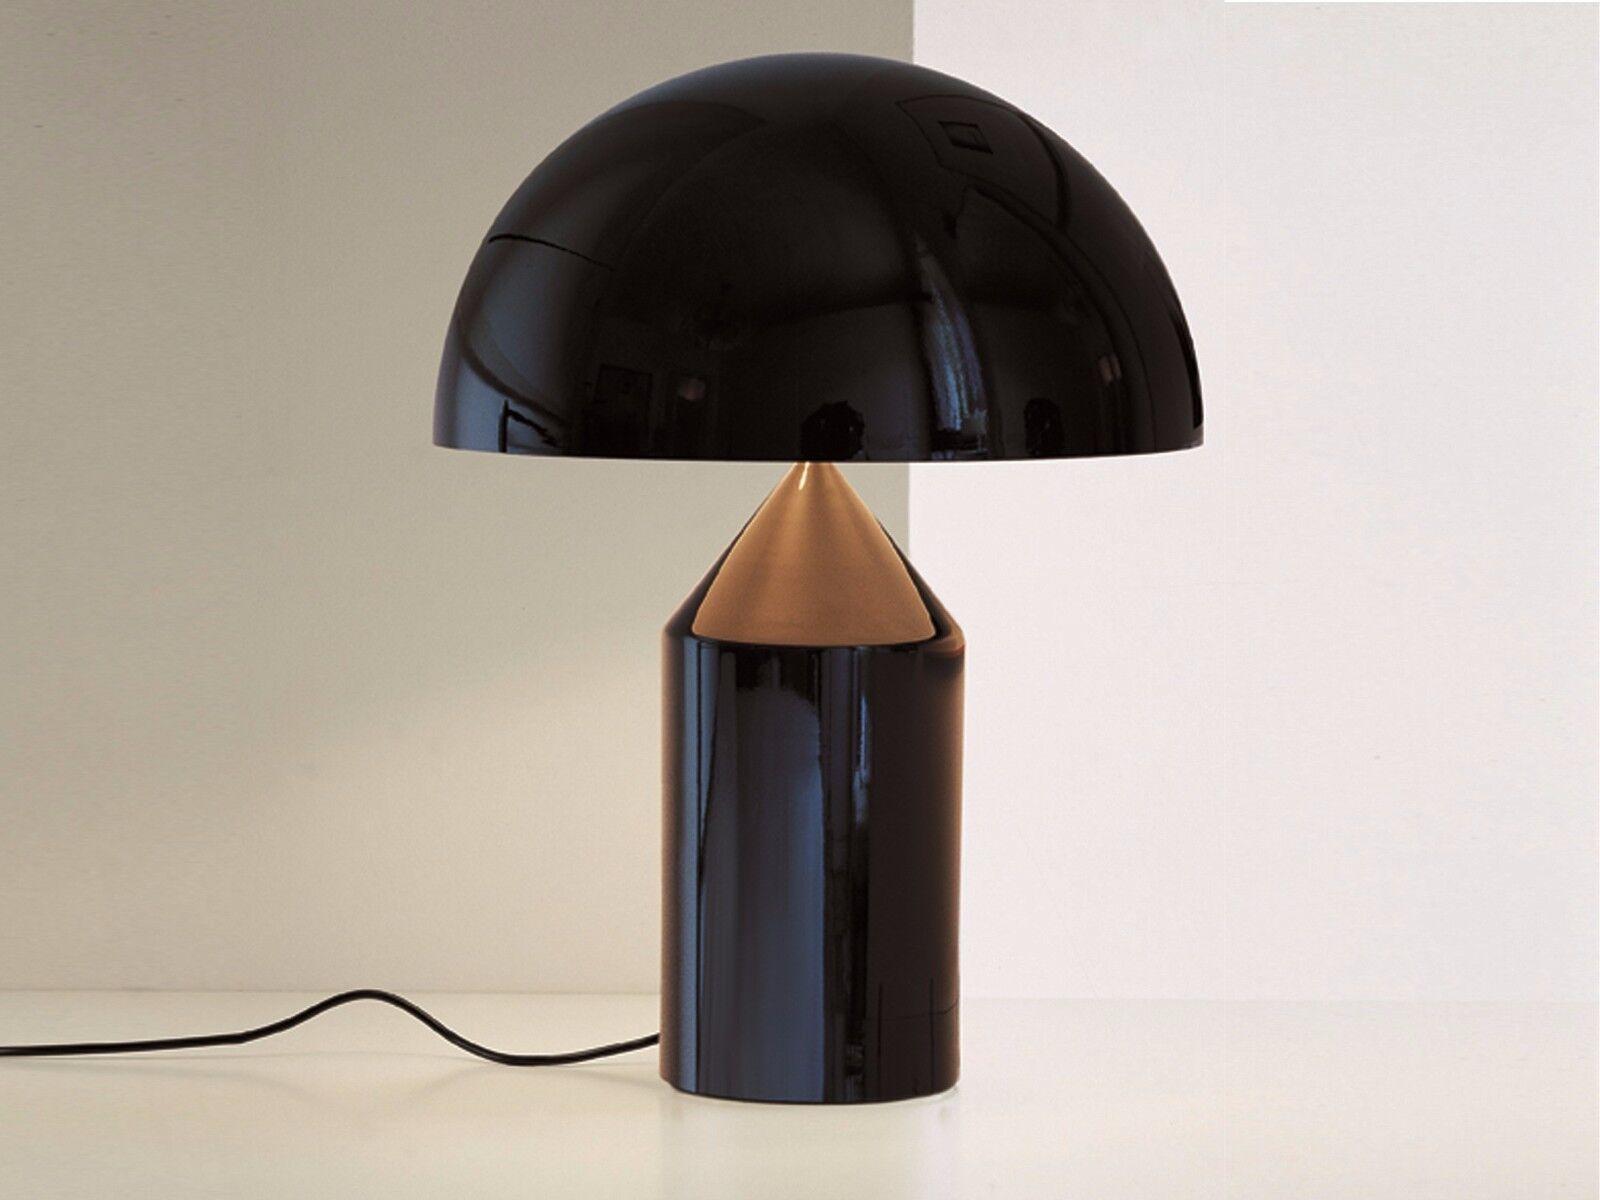 CEEZE - OLuce - ATOLLO 233 - Table lamp Lampada da tavolo